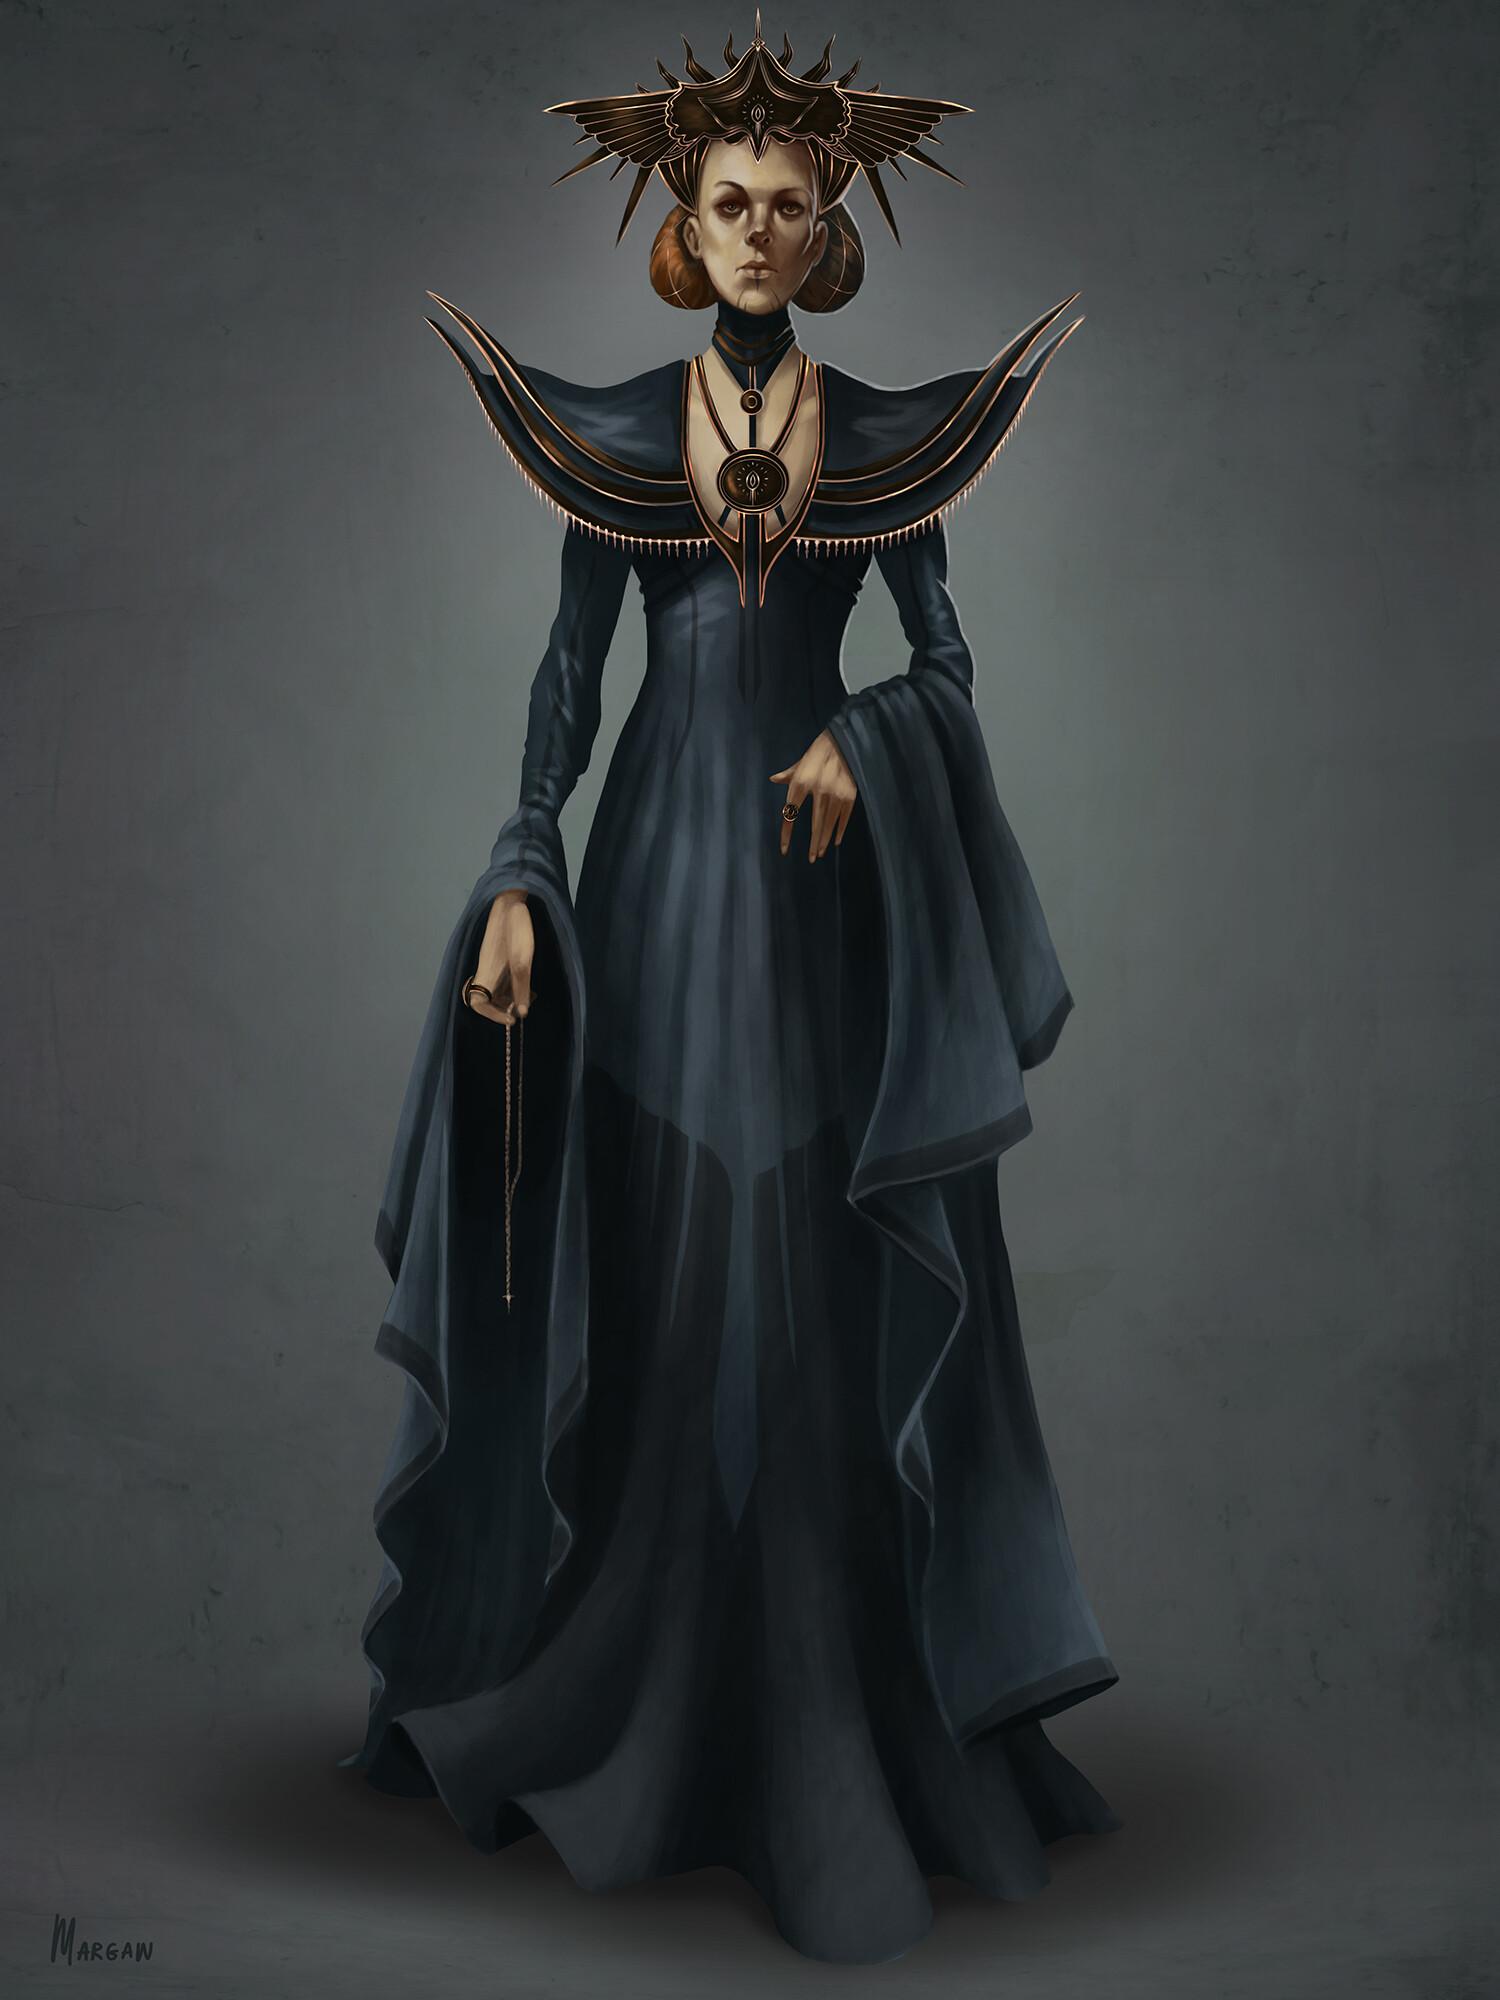 Margarita bourkova 201910 queen character concept